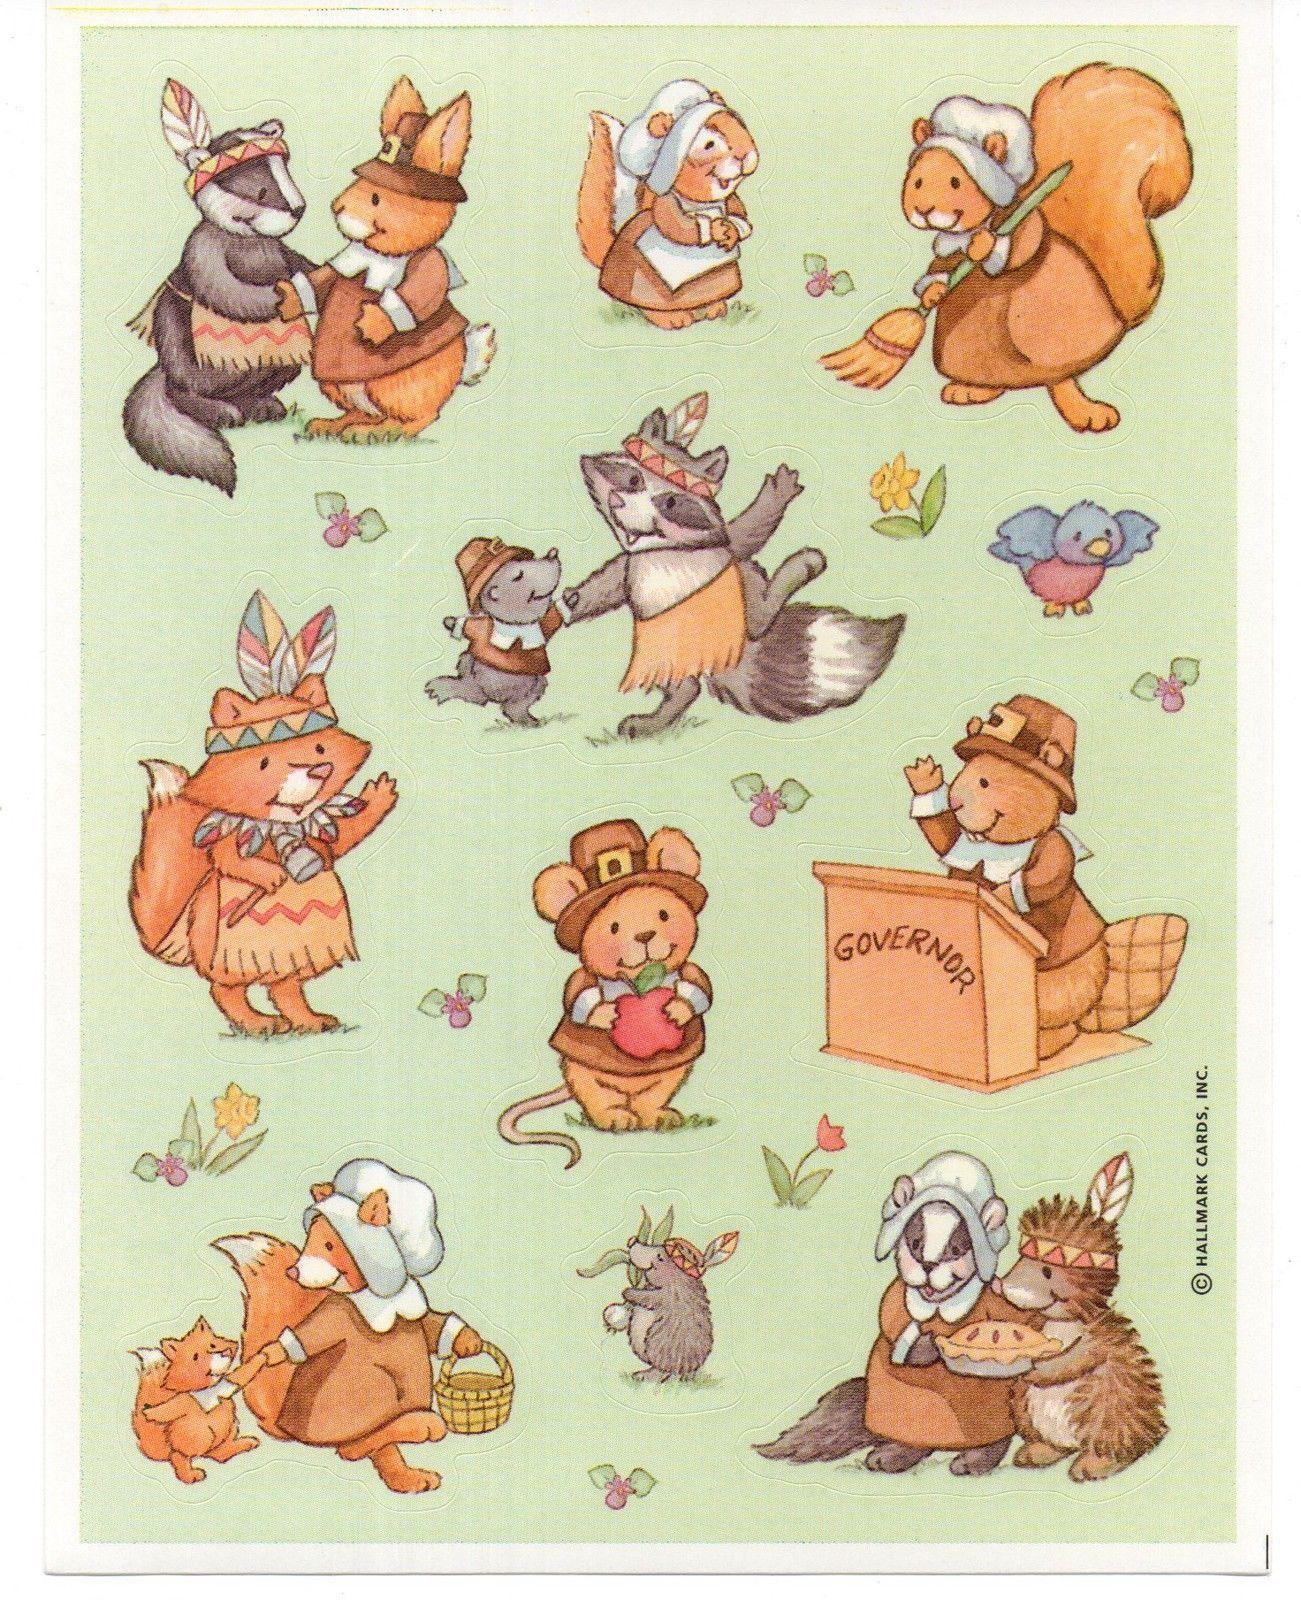 Scrapbooking 1 Sheet American Greeting Sticker DINOSAURS